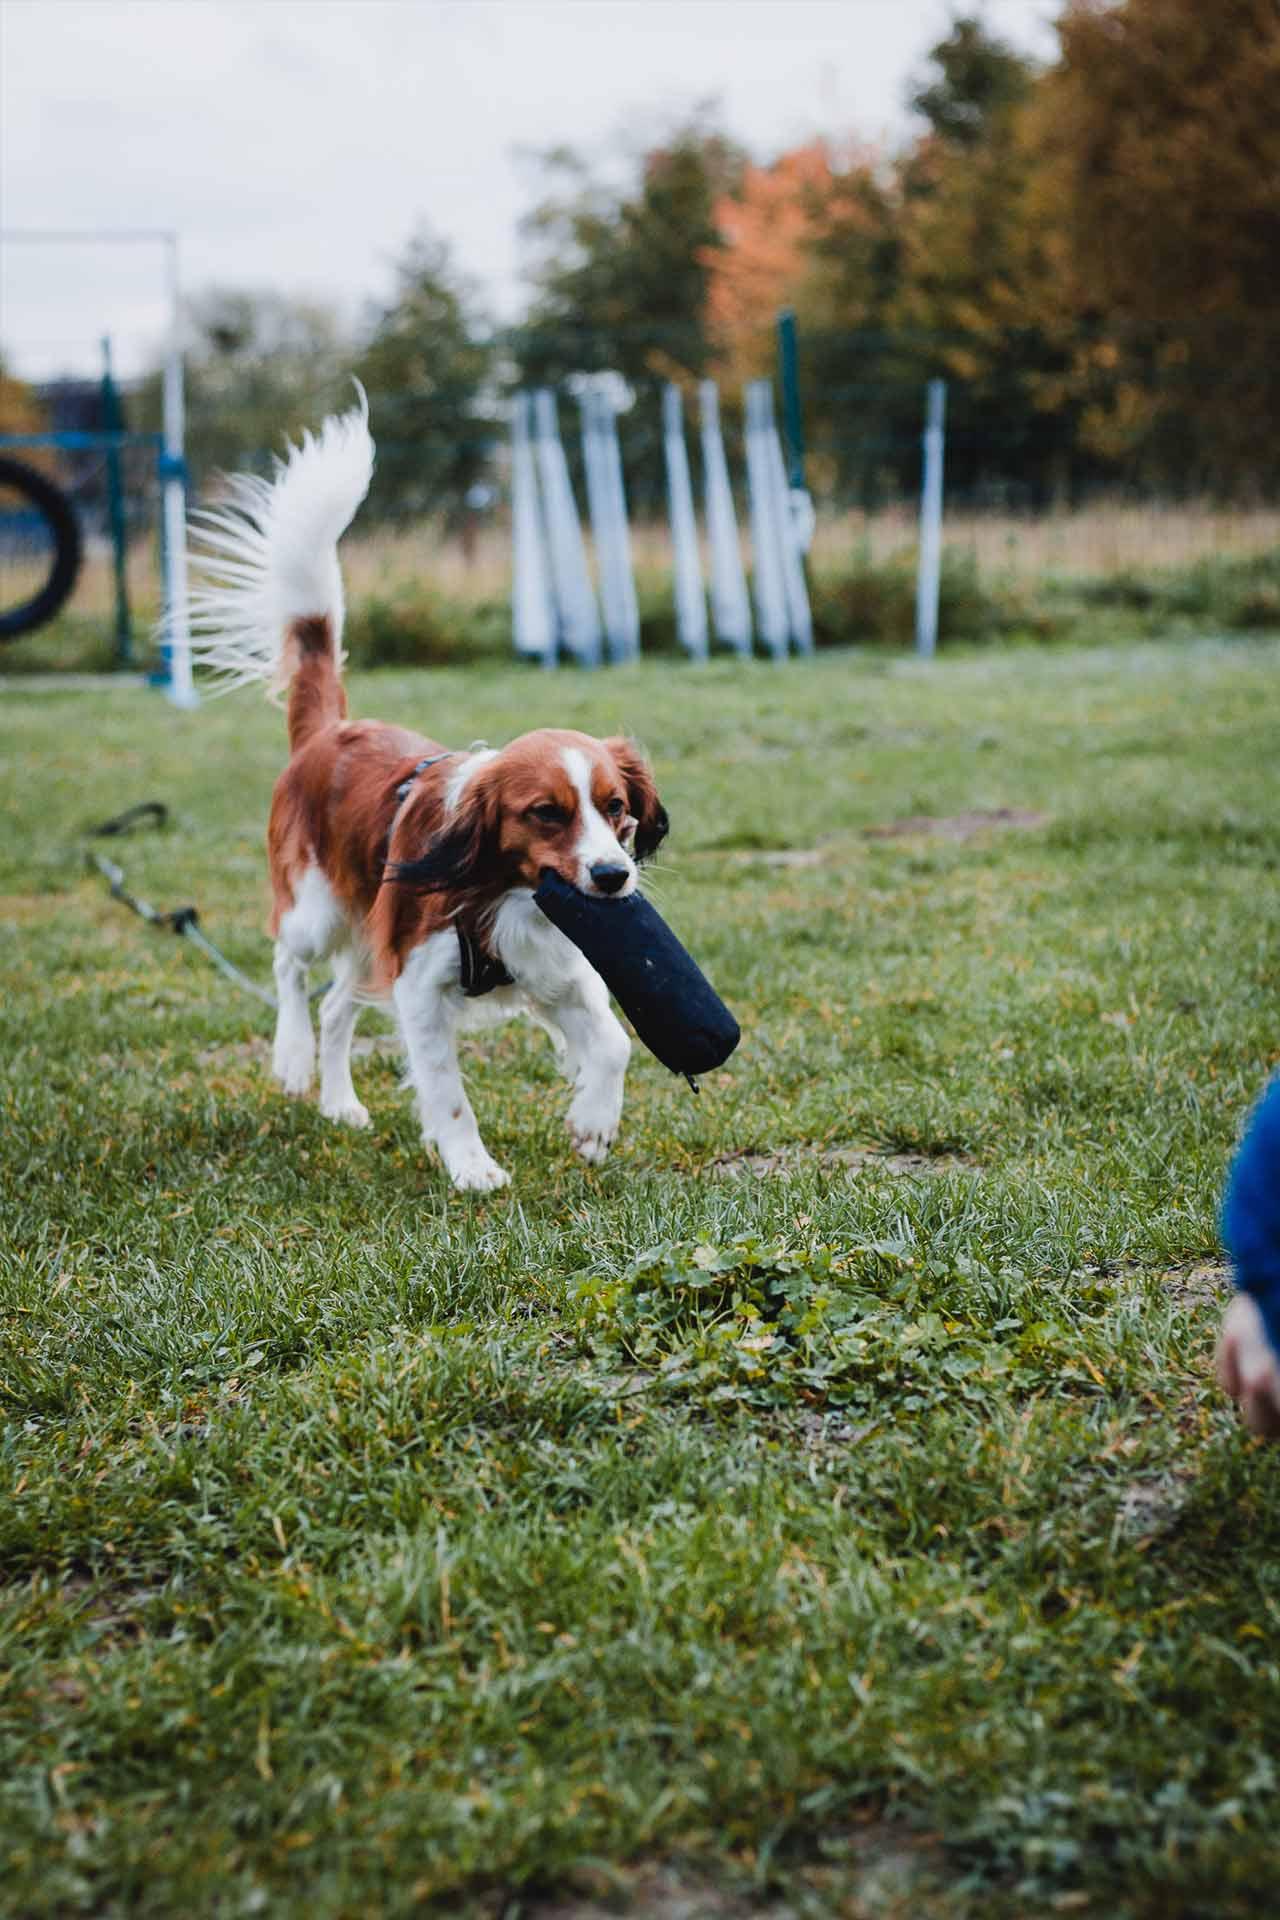 hundpunkt_hundeschule_muenster-kurs-apportieren-1